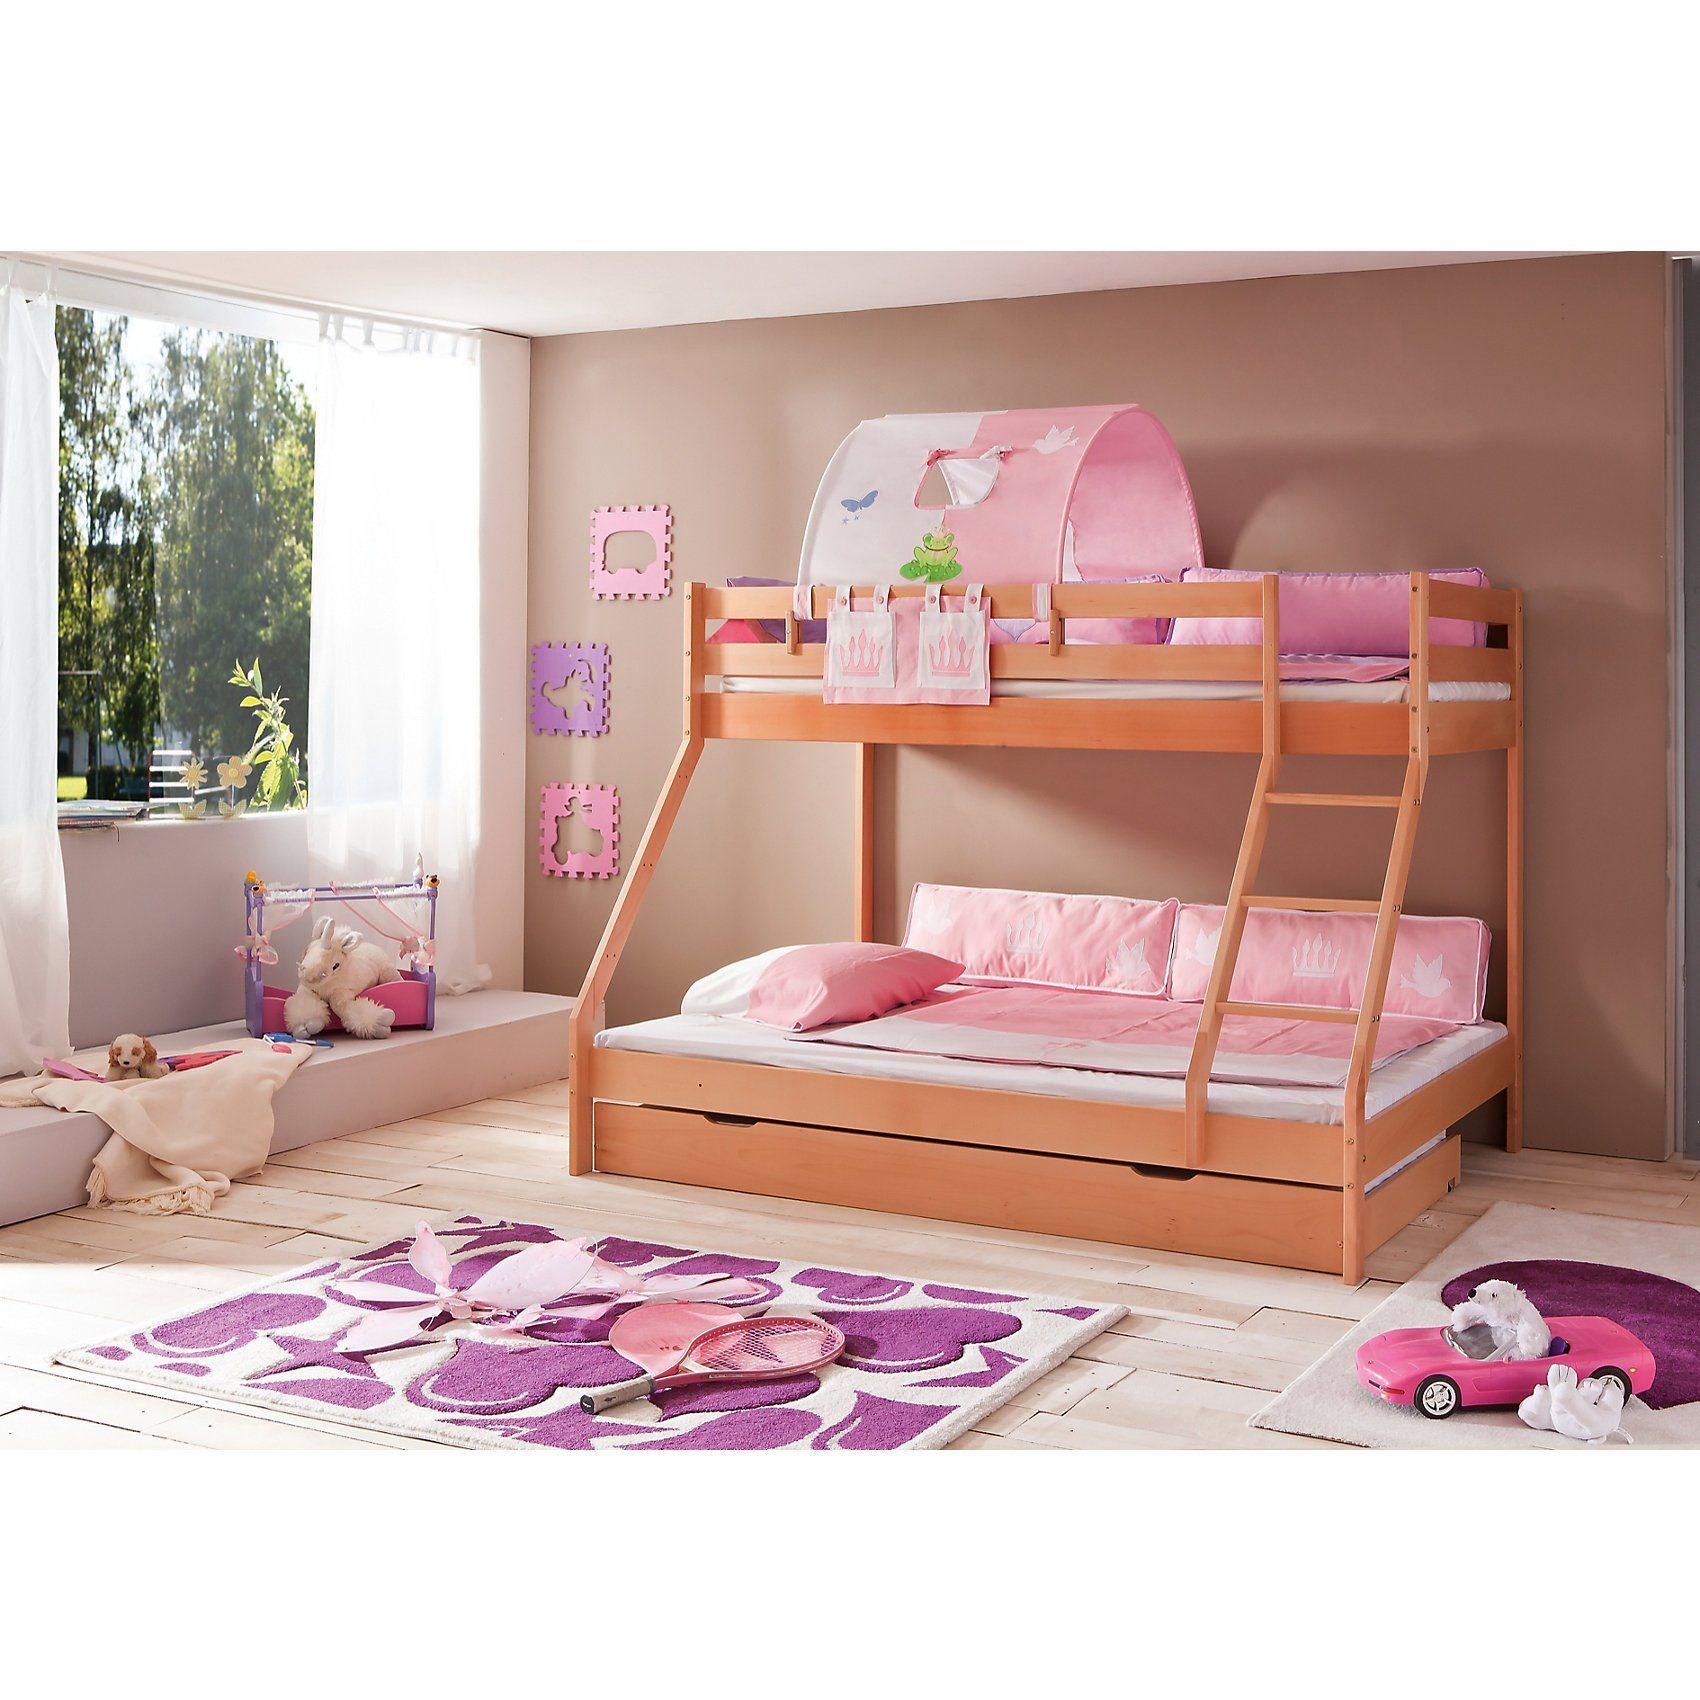 Relita Betttasche für Hoch- & Etagenbett, Prinzessin, rosa/weiß